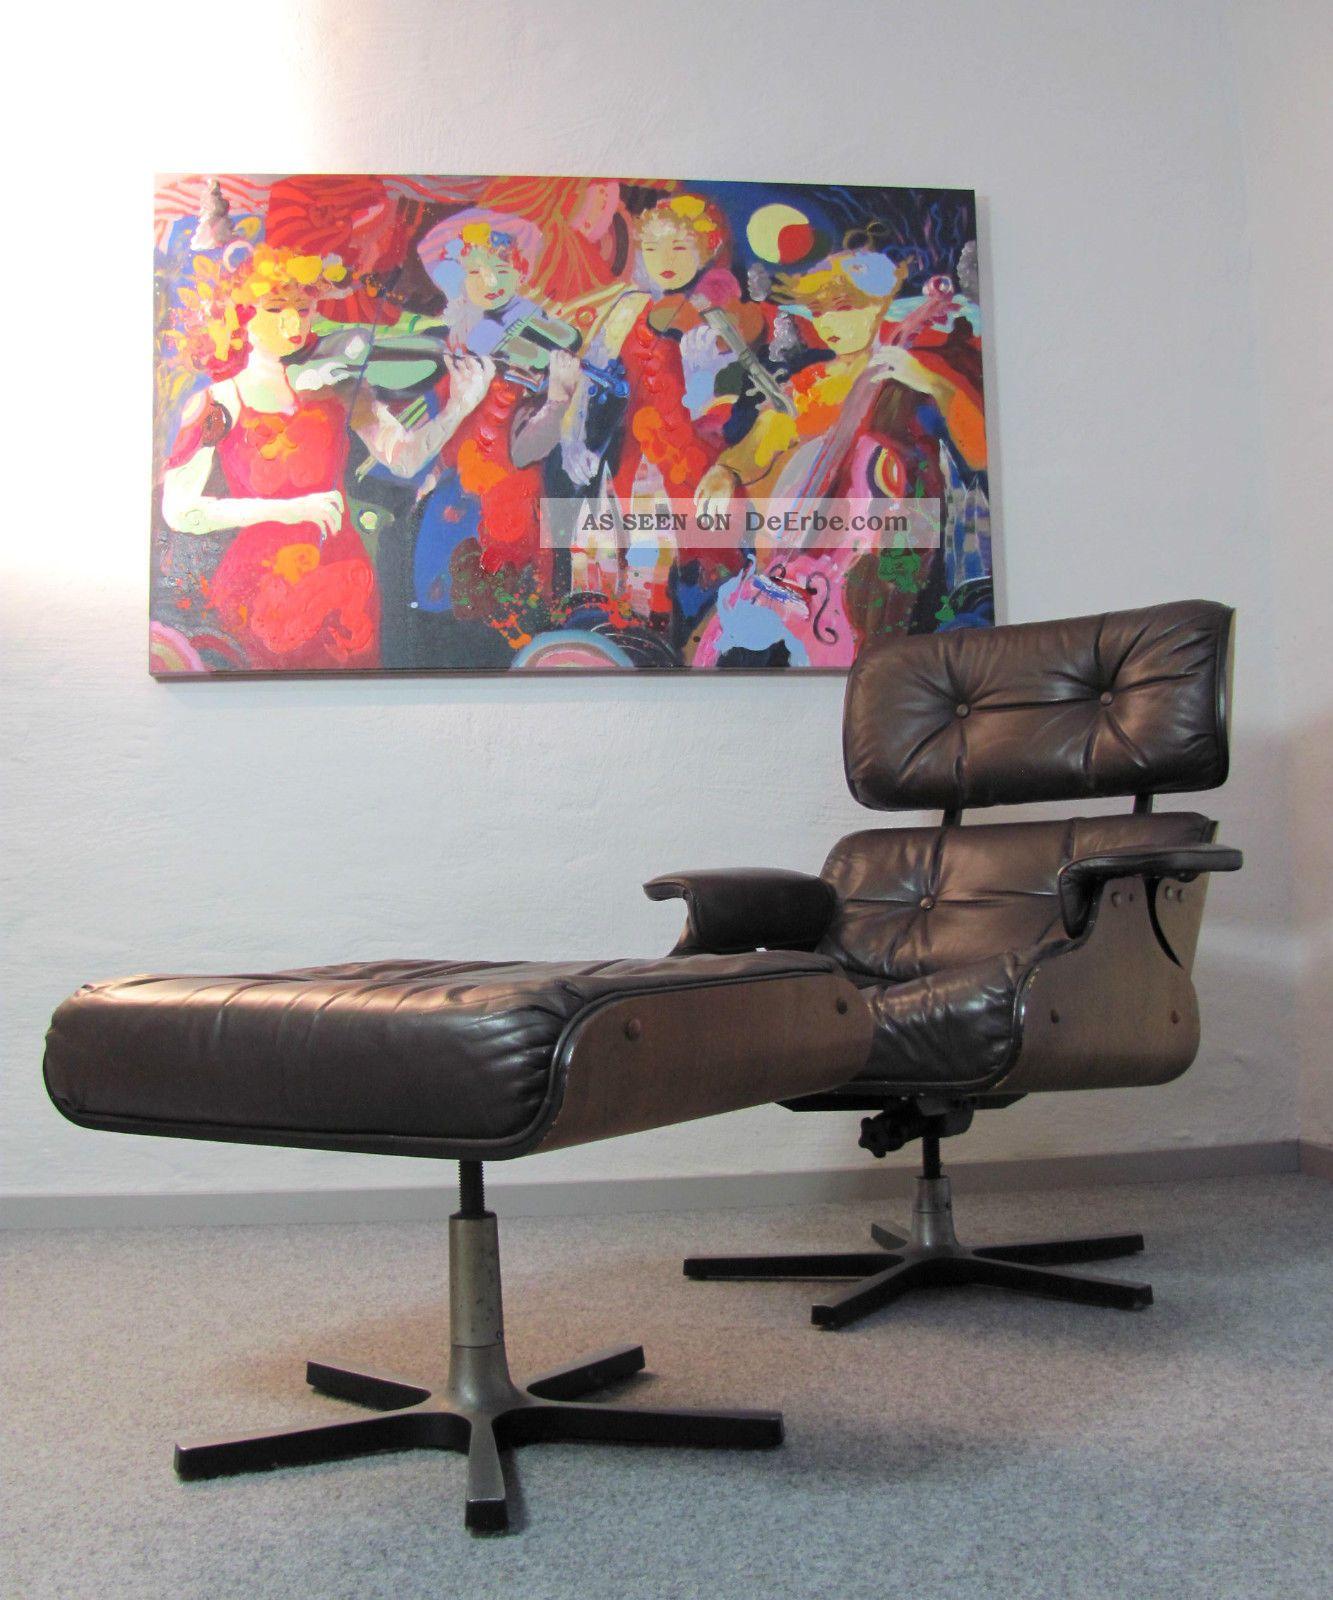 Lounge Chair Aus Den 60er Jahren Hersteller Unbekannt 1960-1969 Bild